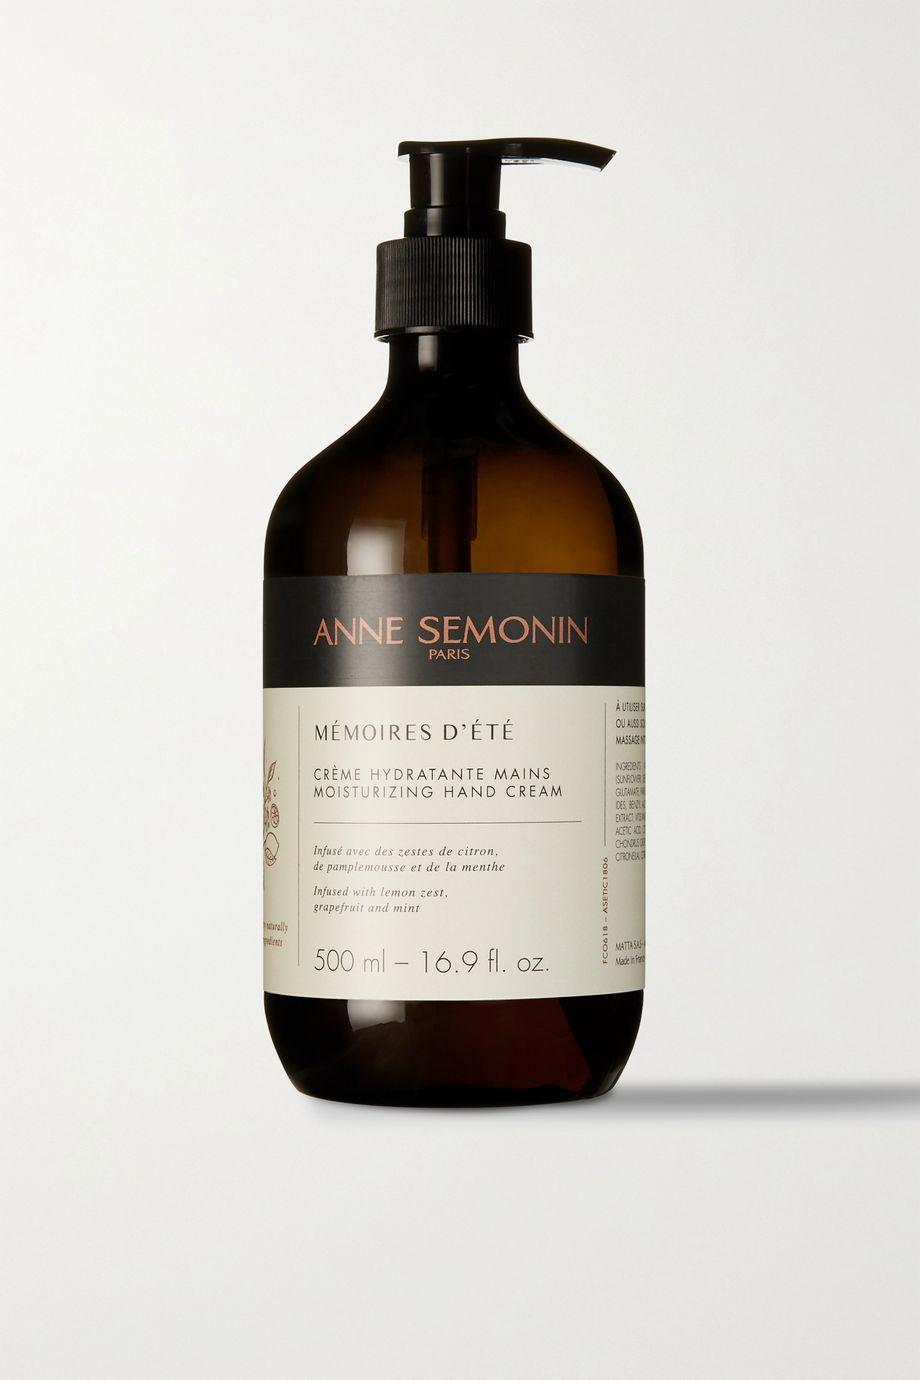 Anne Semonin Mémoires d'Été Moisturizing Hand Cream, 500ml